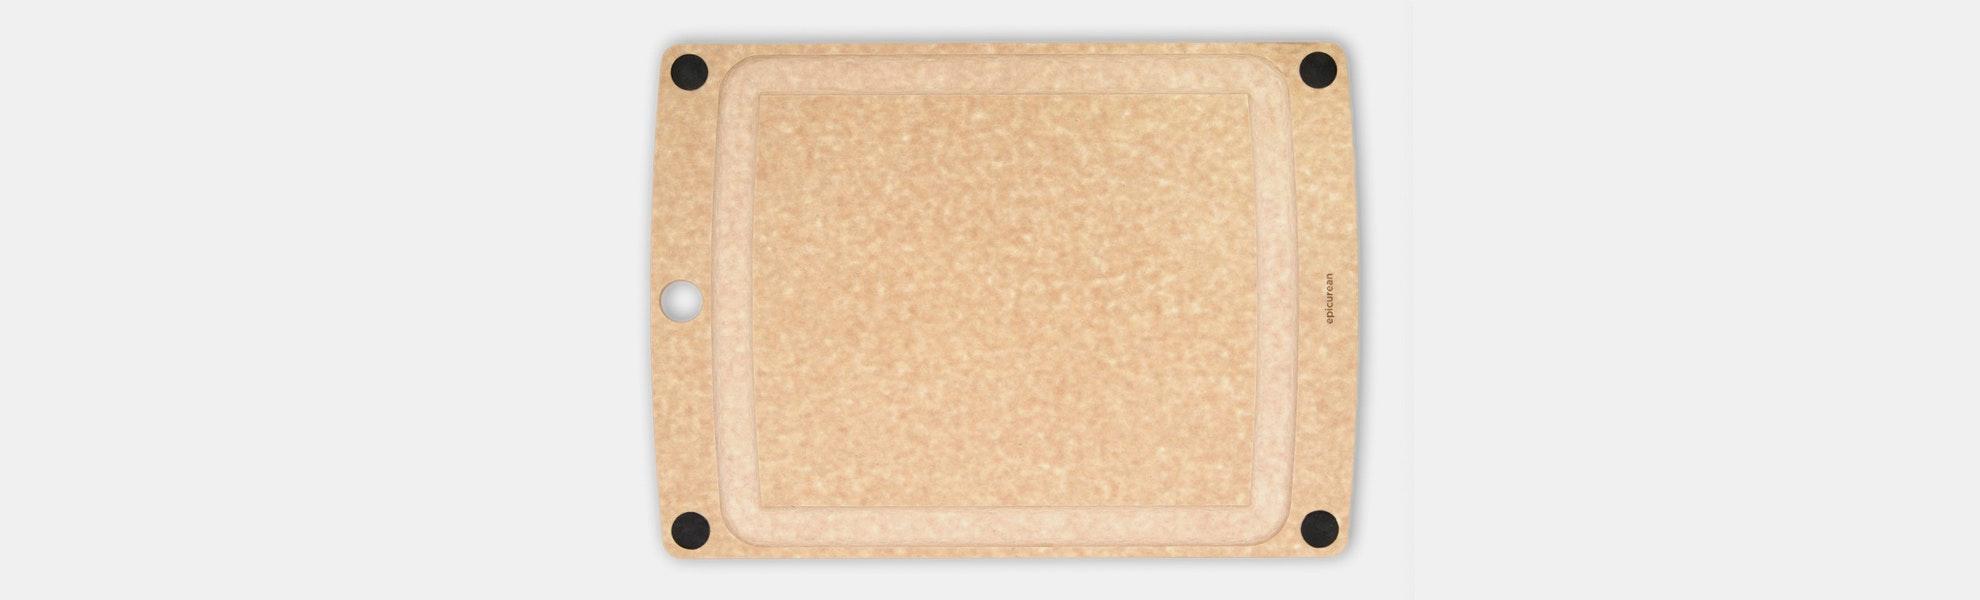 Epicurean All-in-One Cutting Board Series